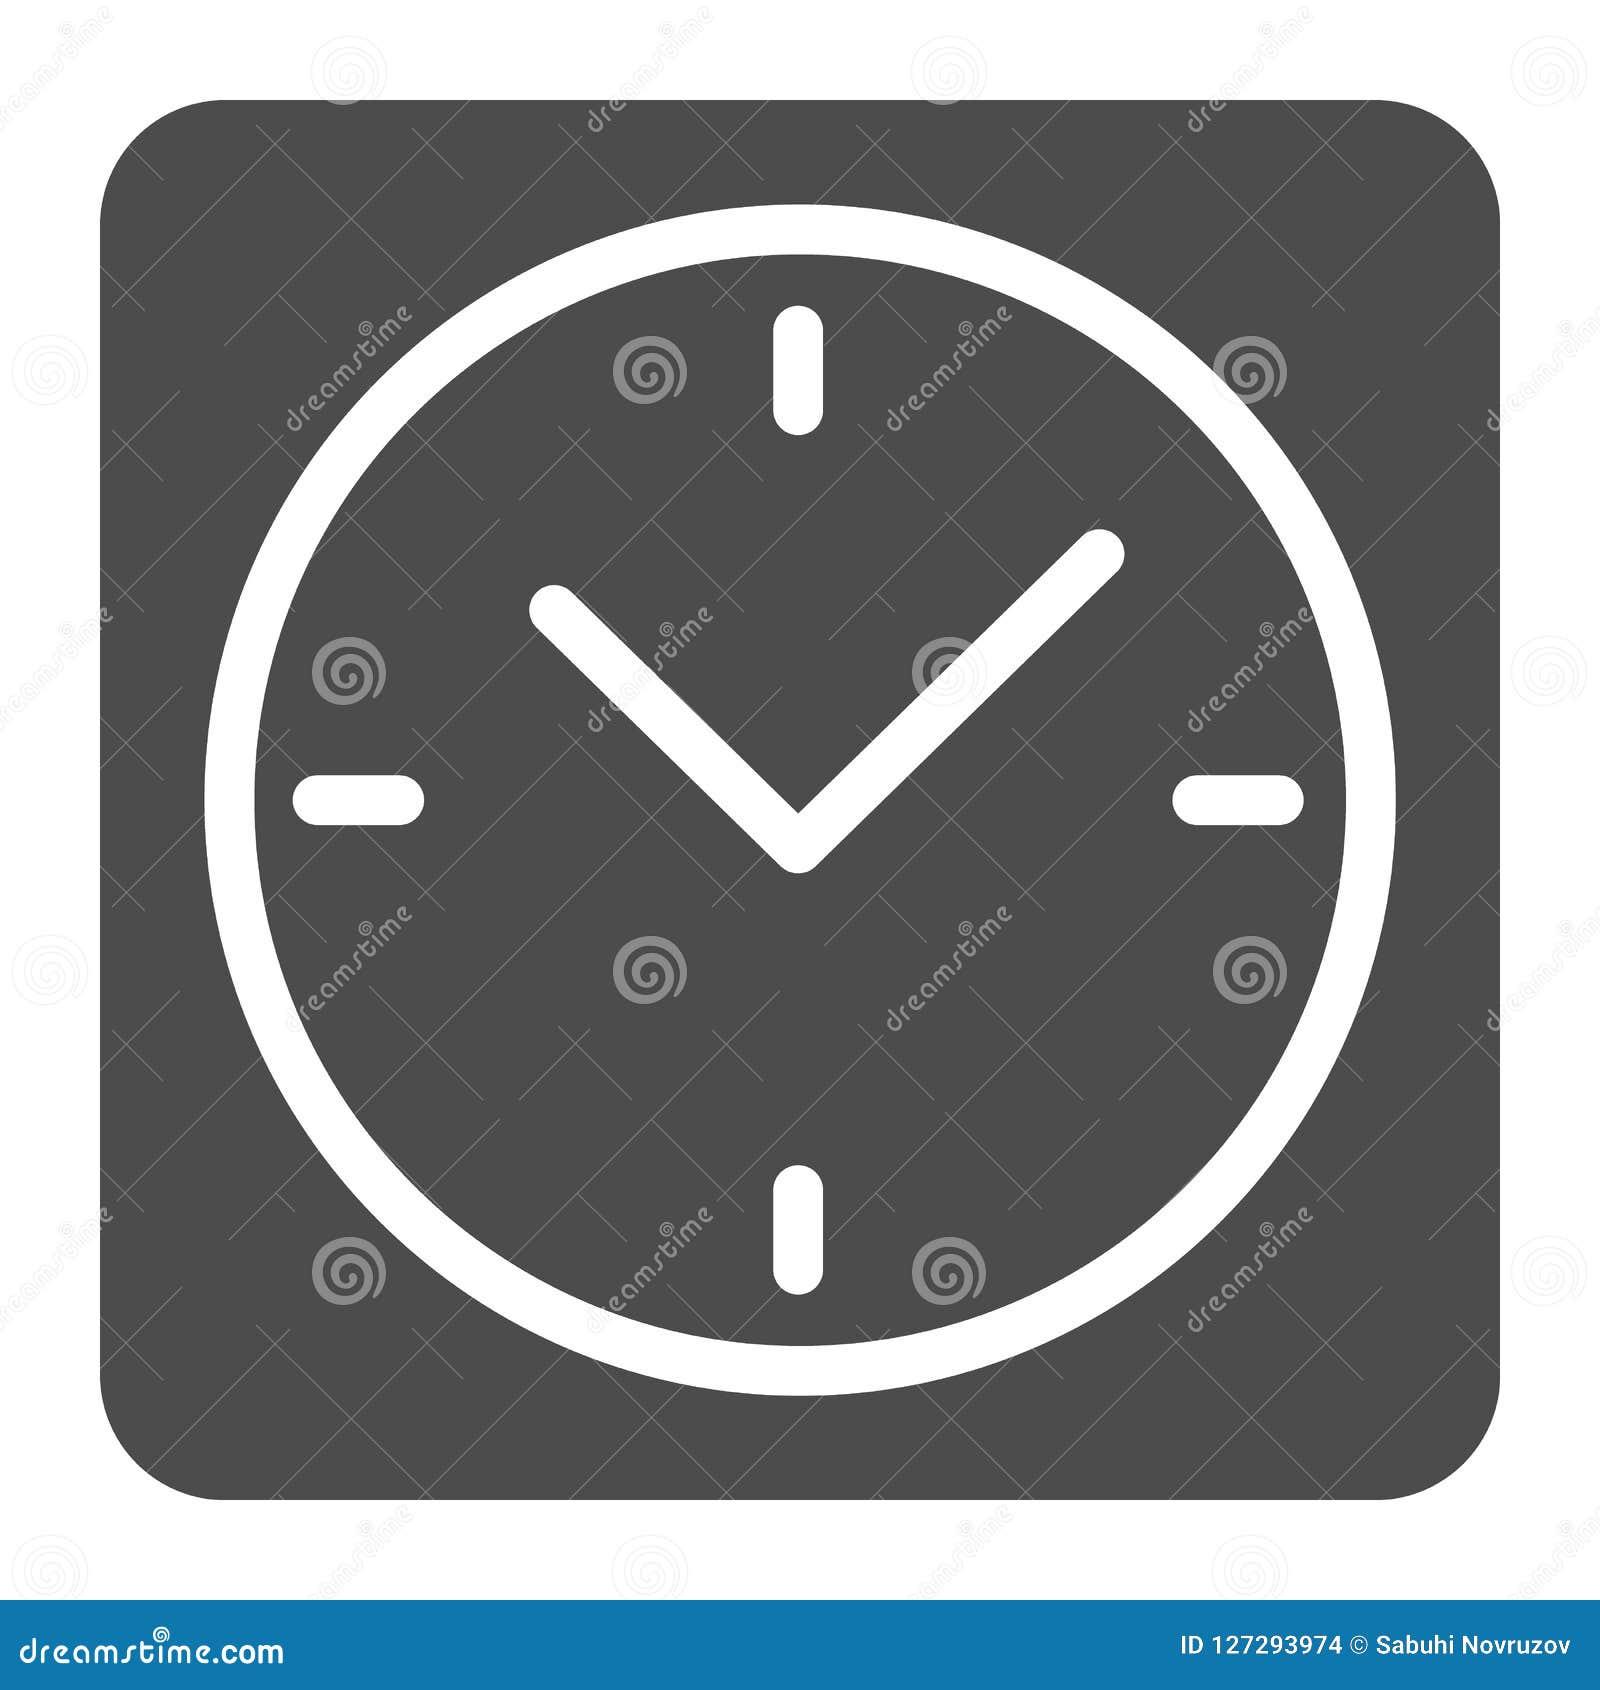 Quadratische Uhrkörperikone Schreibtischuhr-Vektorillustration lokalisiert auf Weiß Uhr Glyph-Artdesign, bestimmt für Netz